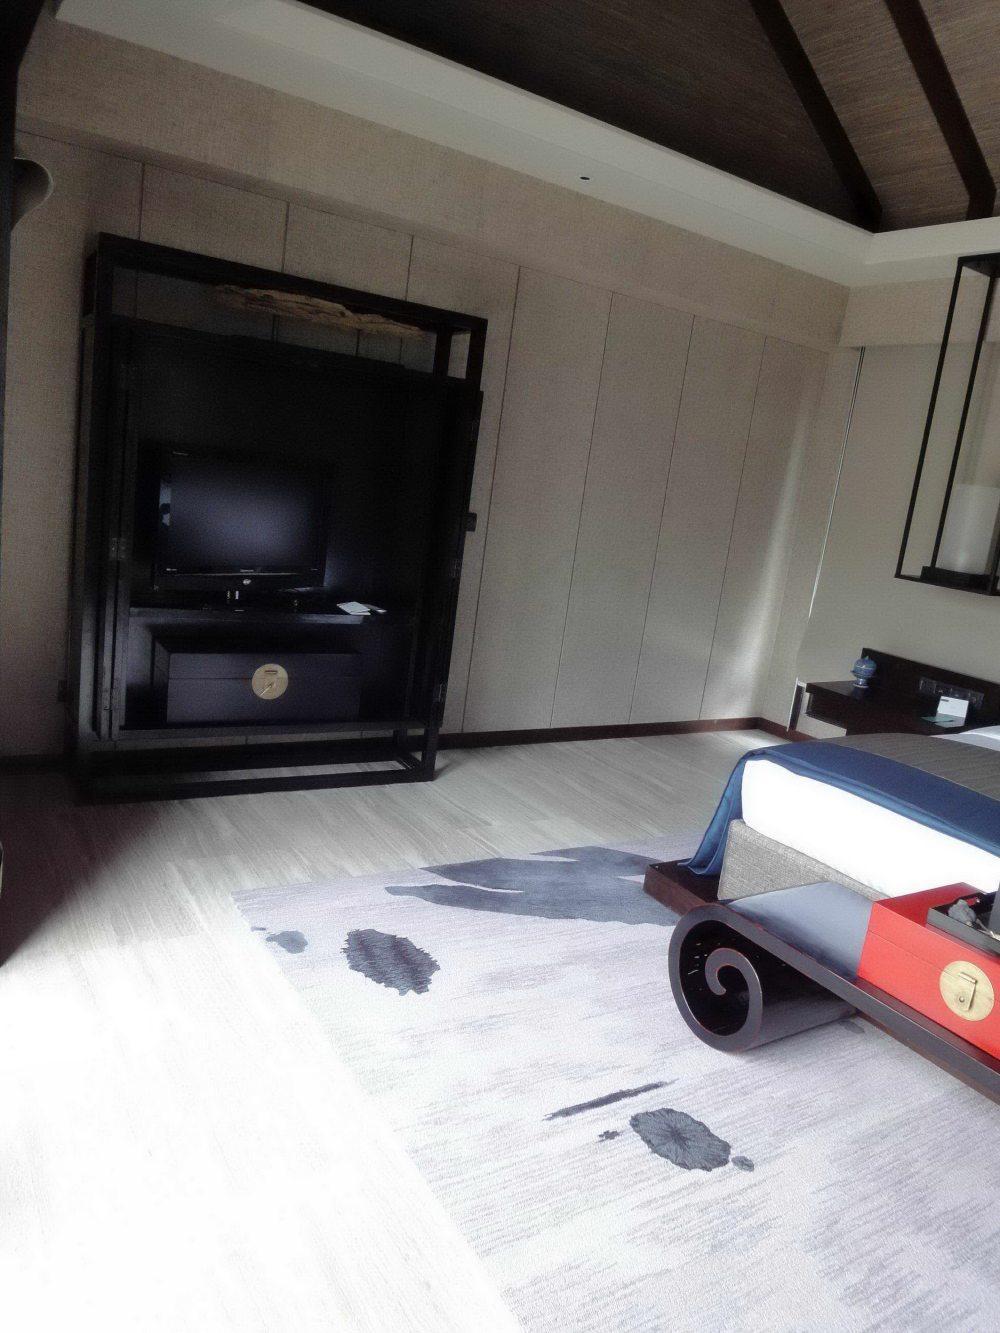 云南丽江铂尔曼渡假酒店(Lijiang Pullman Hotel)(CCD)(第8页更新)_DSC05167.jpg